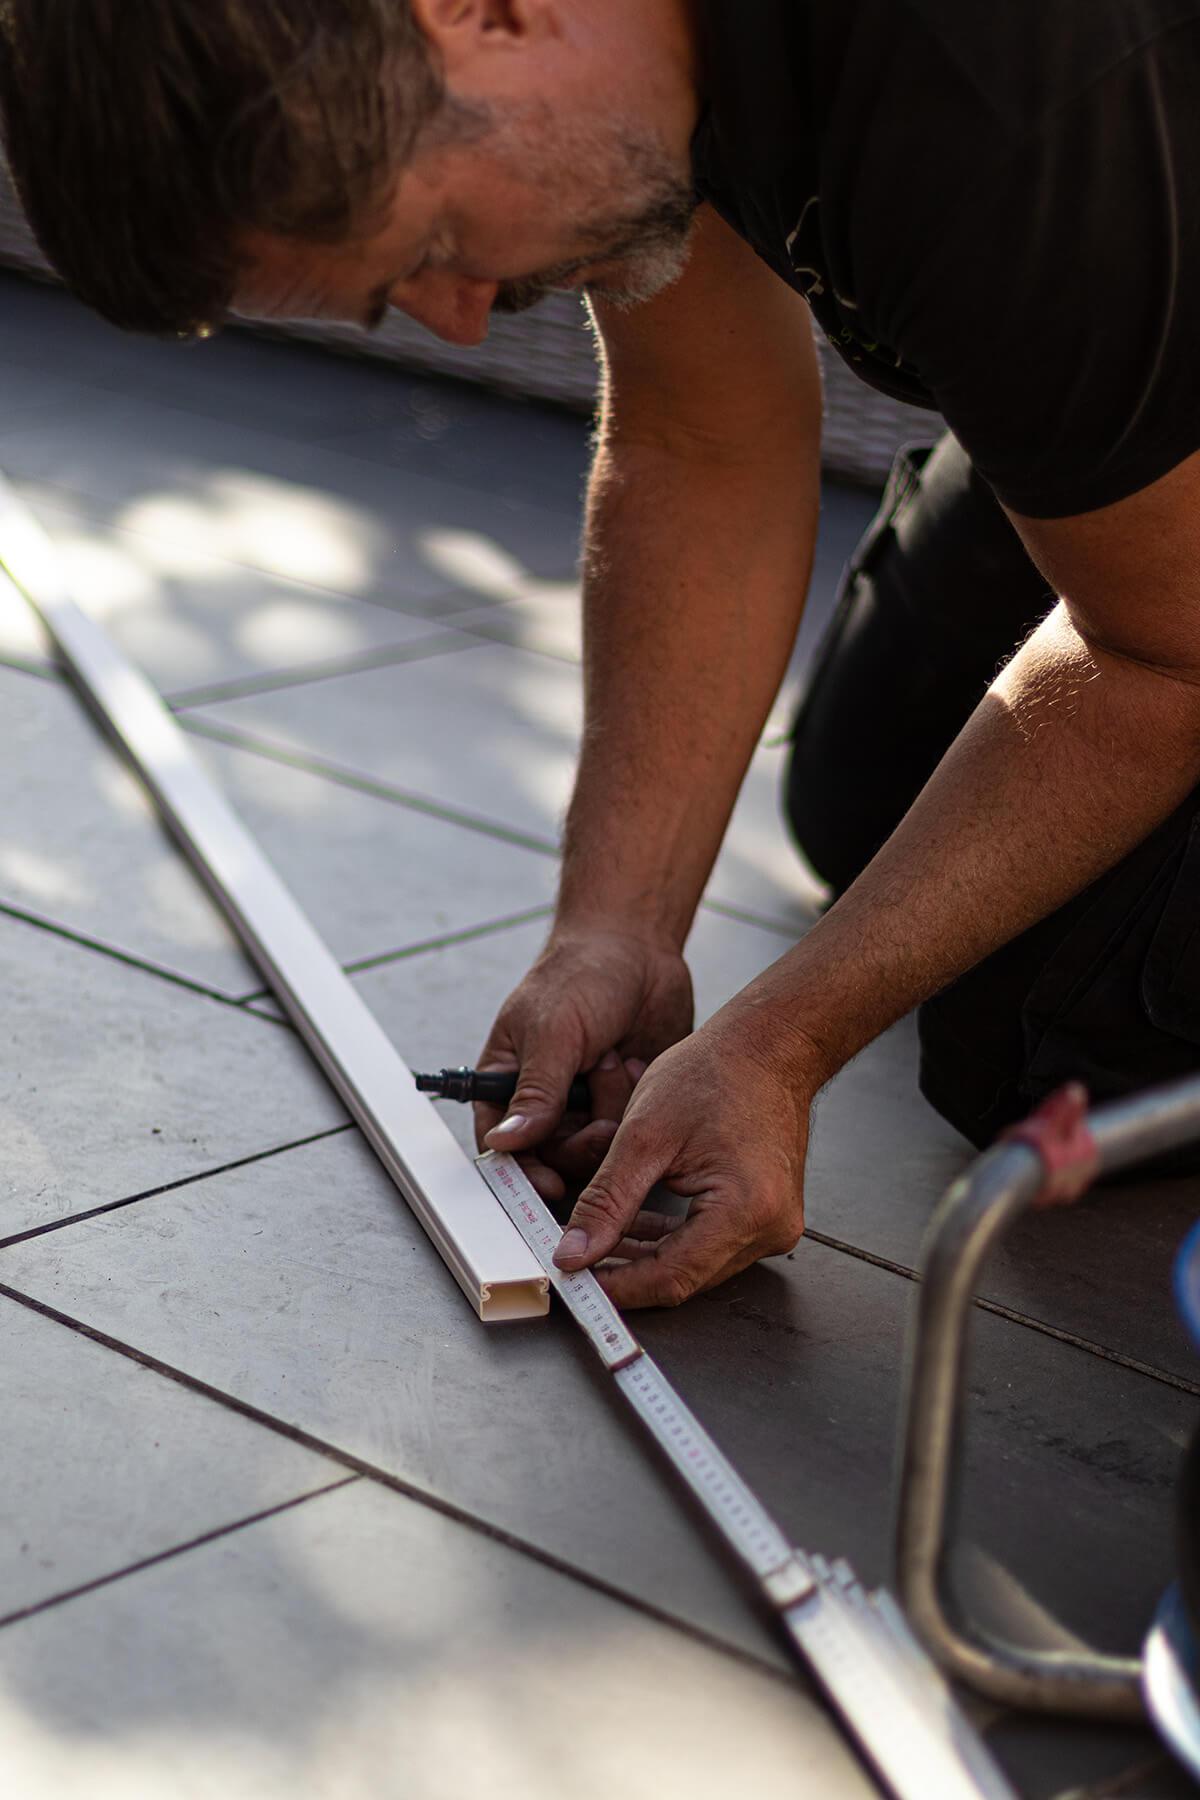 Airco installateur meet witte profielen op de grond.